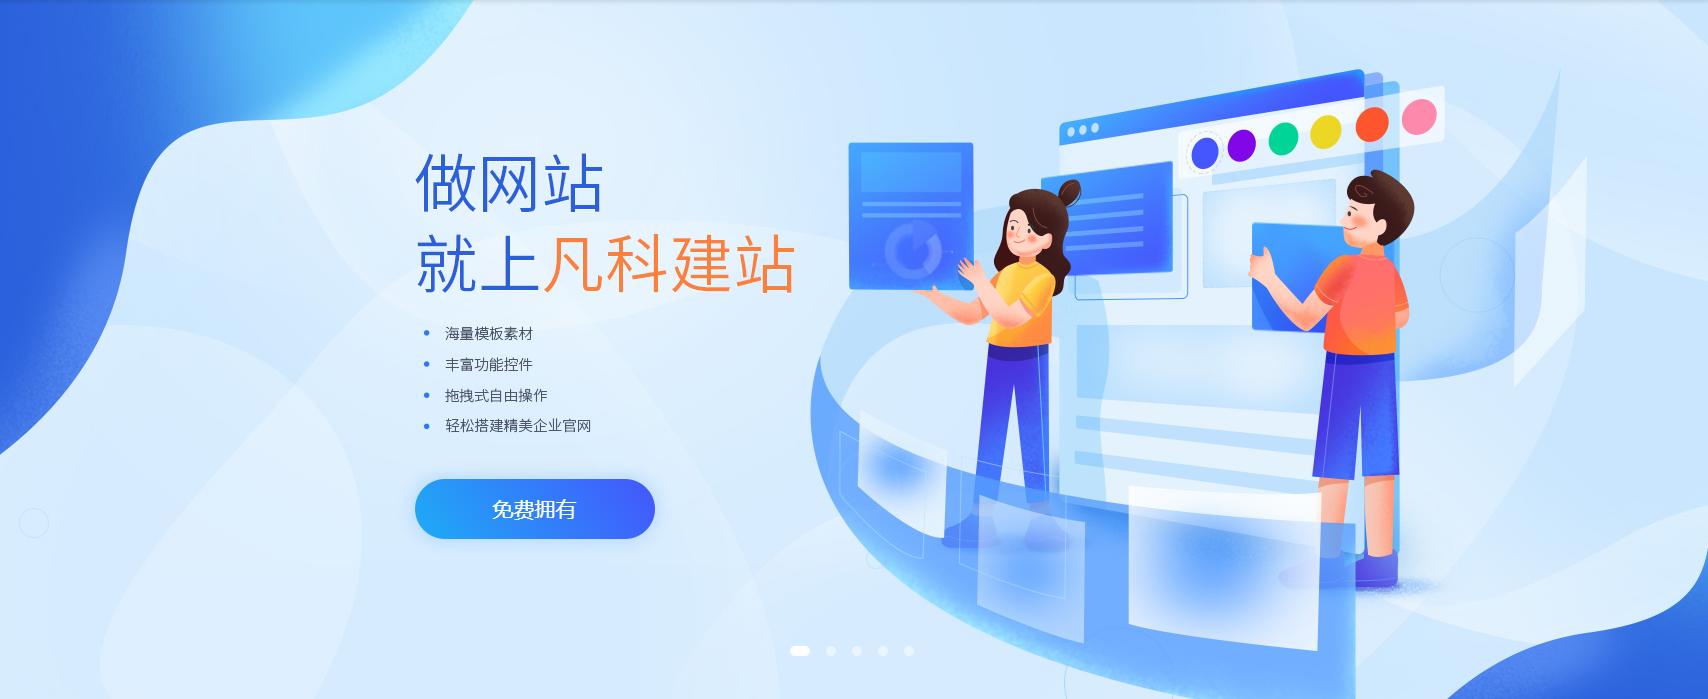 行业网站模板